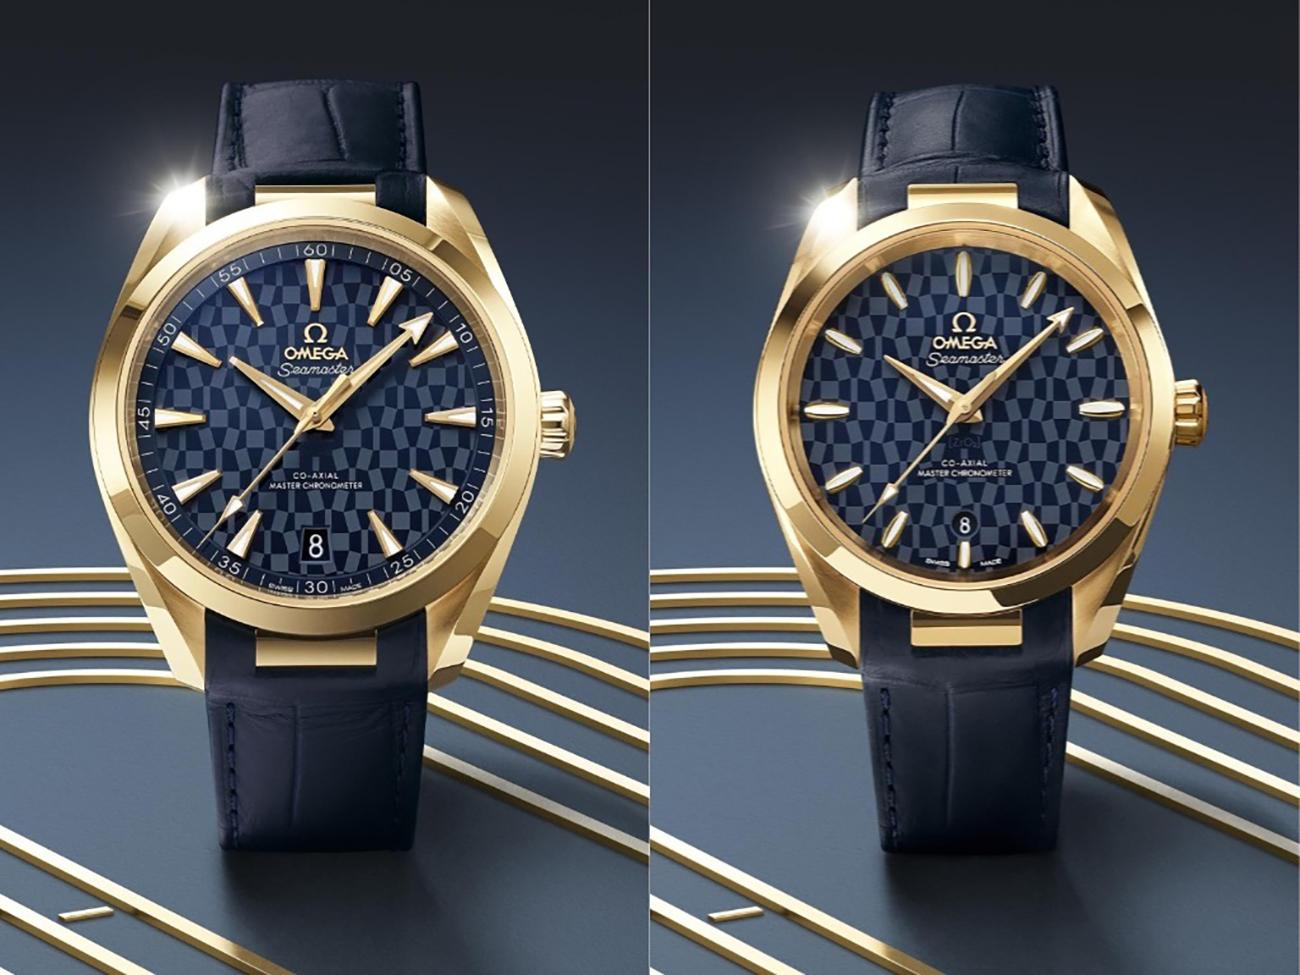 Δείτε τα δύο νέα πολυτελή ρολόγια της Omega για τους Ολυμπιακούς Αγώνες Τόκιο 2020